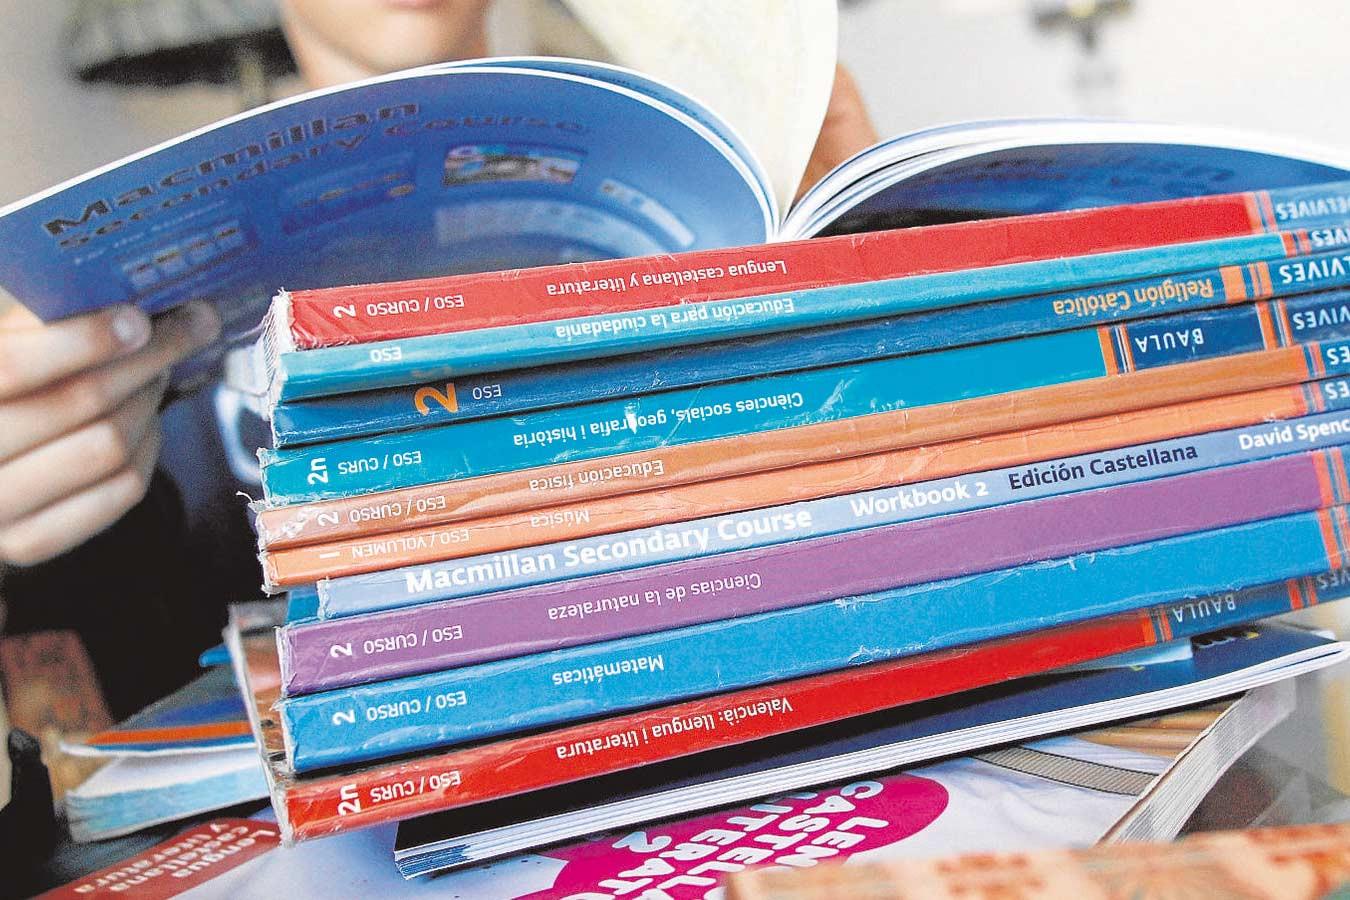 El programa de libros gratuitos alcanzará a casi 40.000 alumnos sólo en Infantil y Primaria